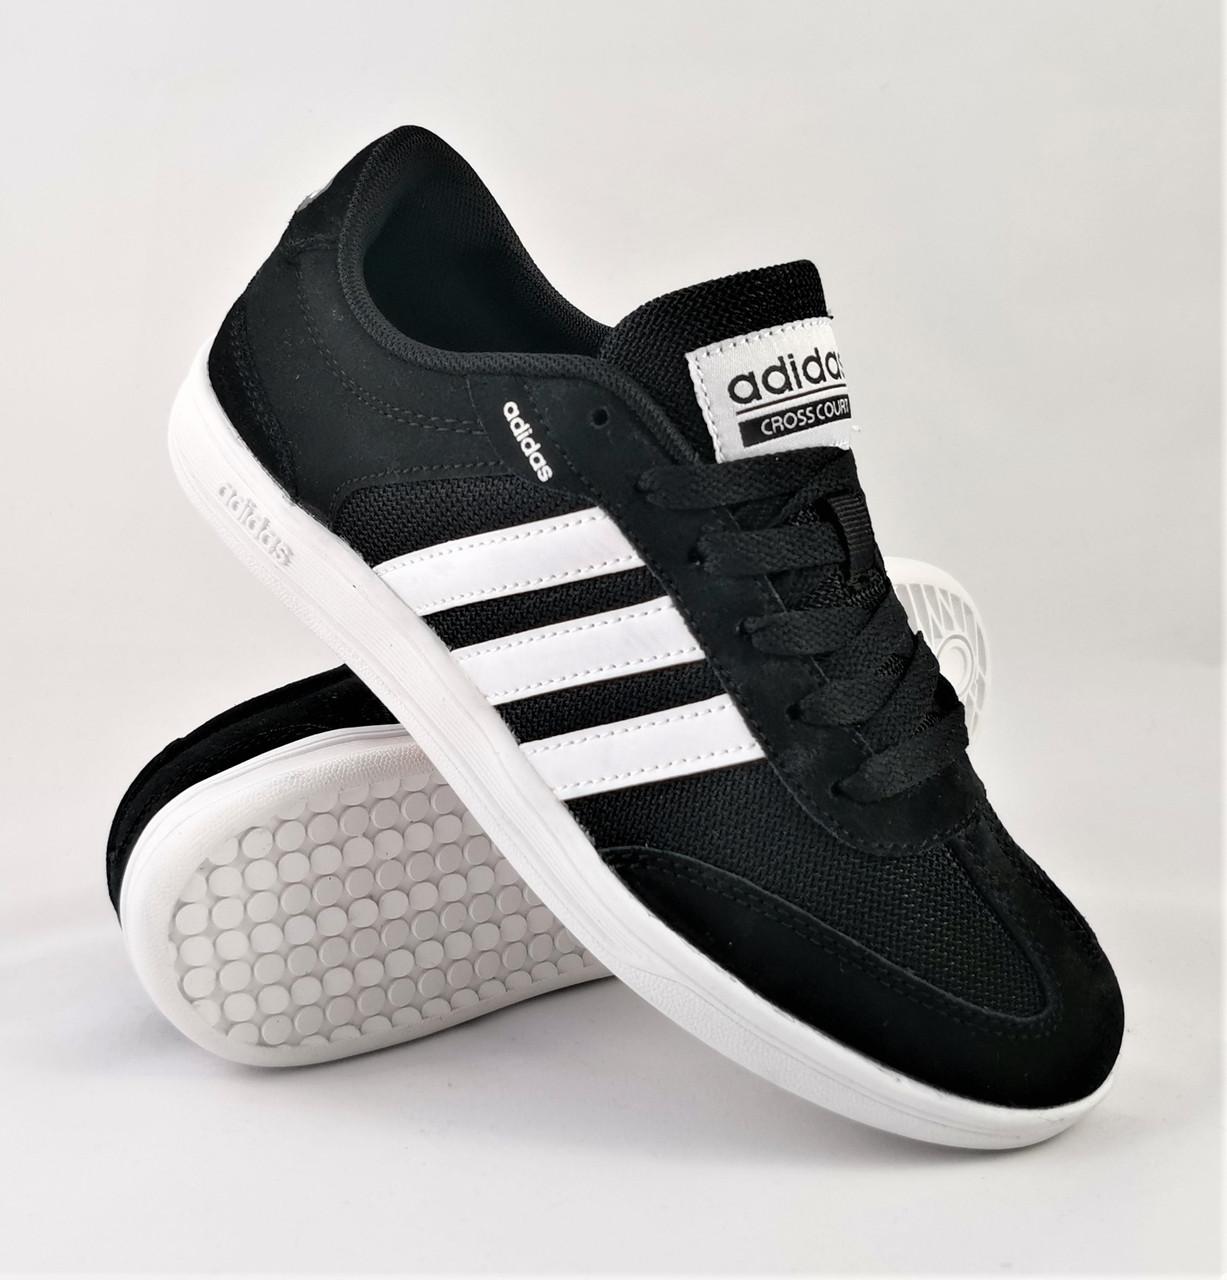 Кросівки Чоловічі в стилі Adidas Neo Чорні Адідас (розміри: 41,42,43,44,45,46)